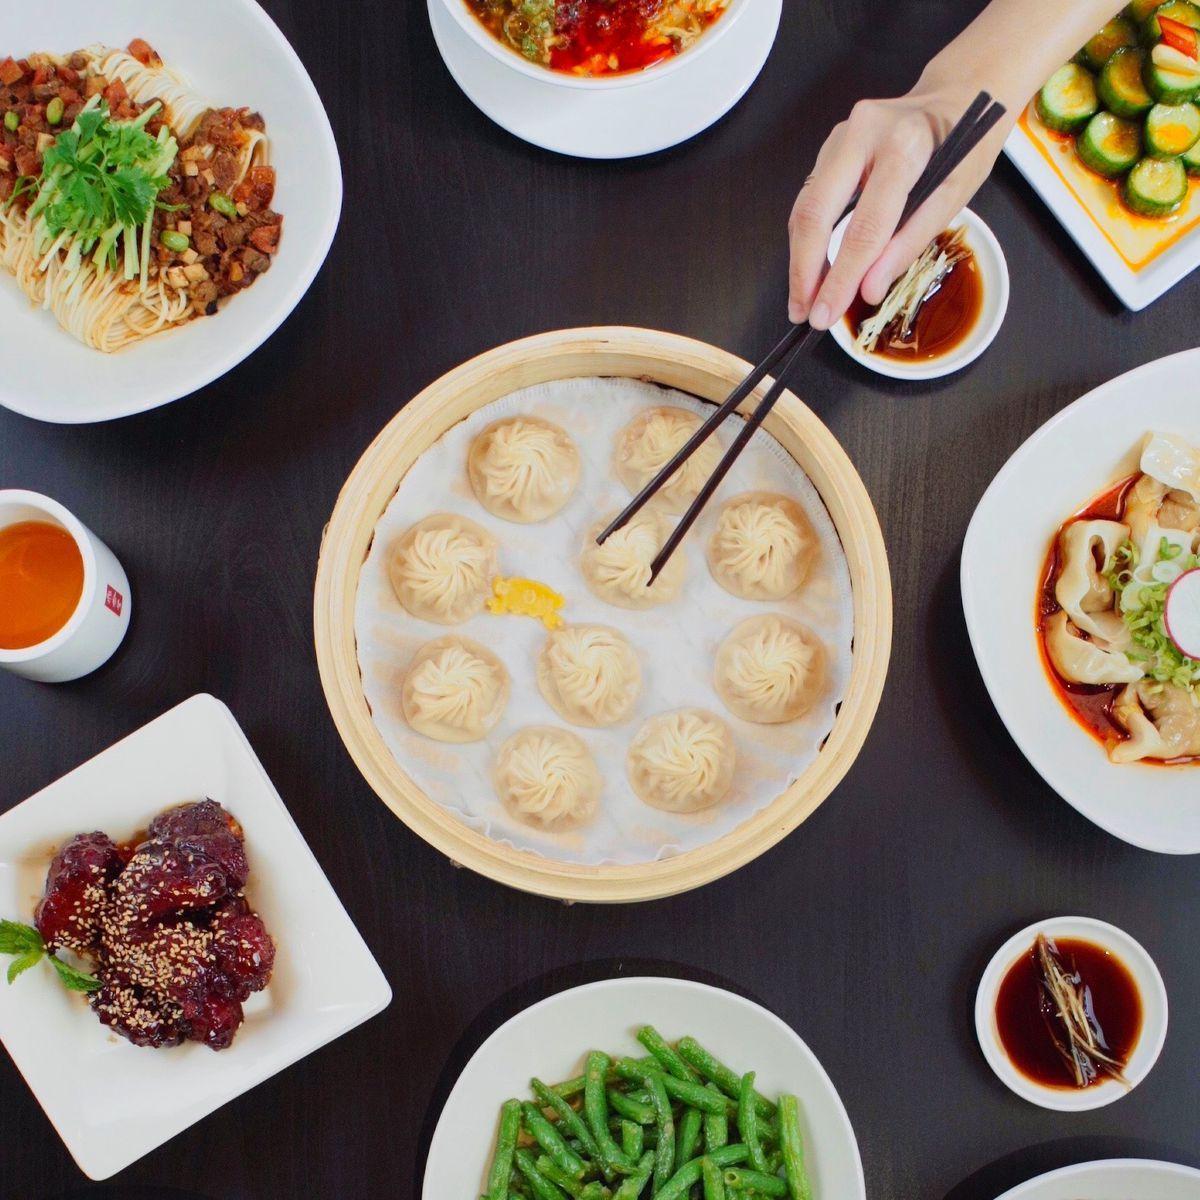 Soup dumplings in a basket